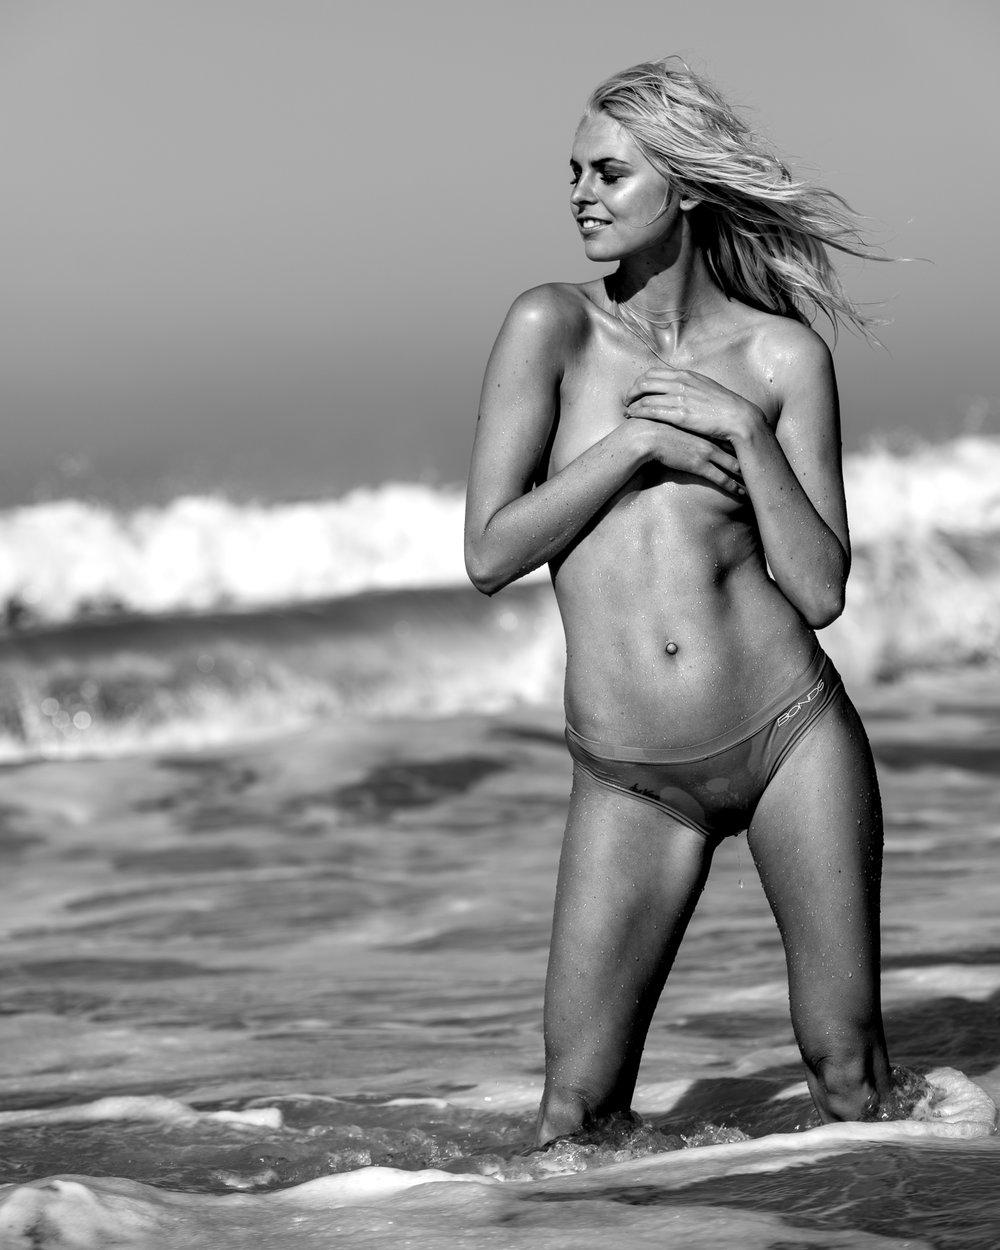 Melanie Oldenburg model with Dave Blake: daveblake.com.au